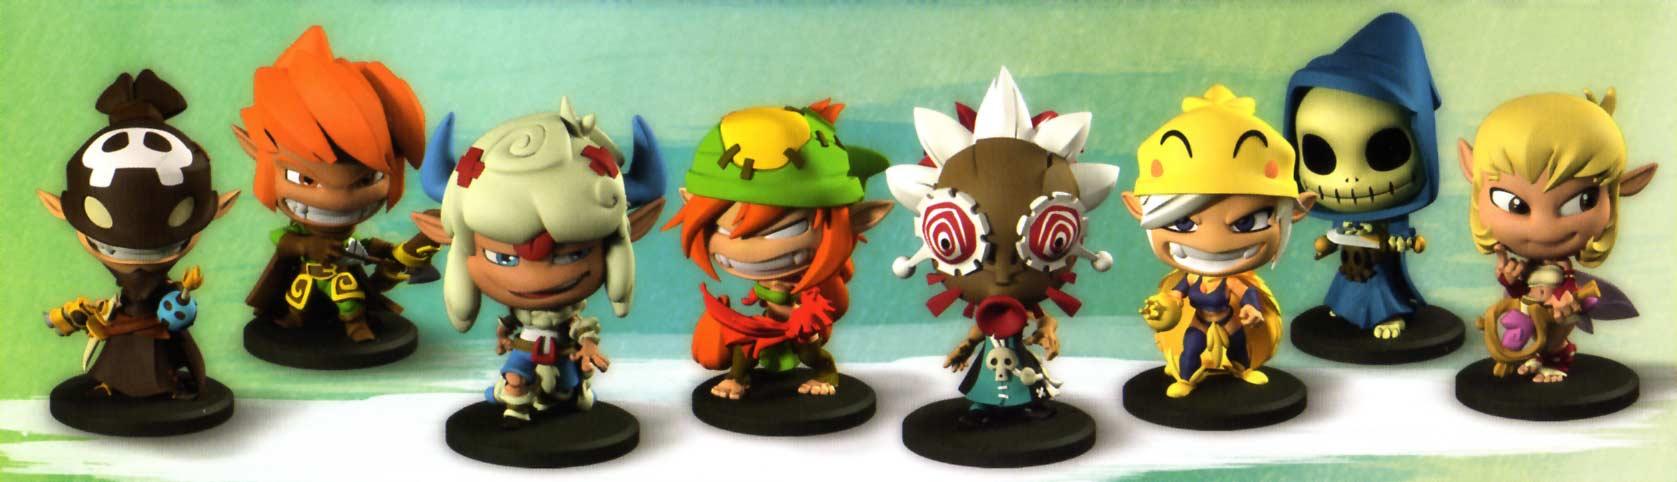 Krosmaster, les 8 figurines